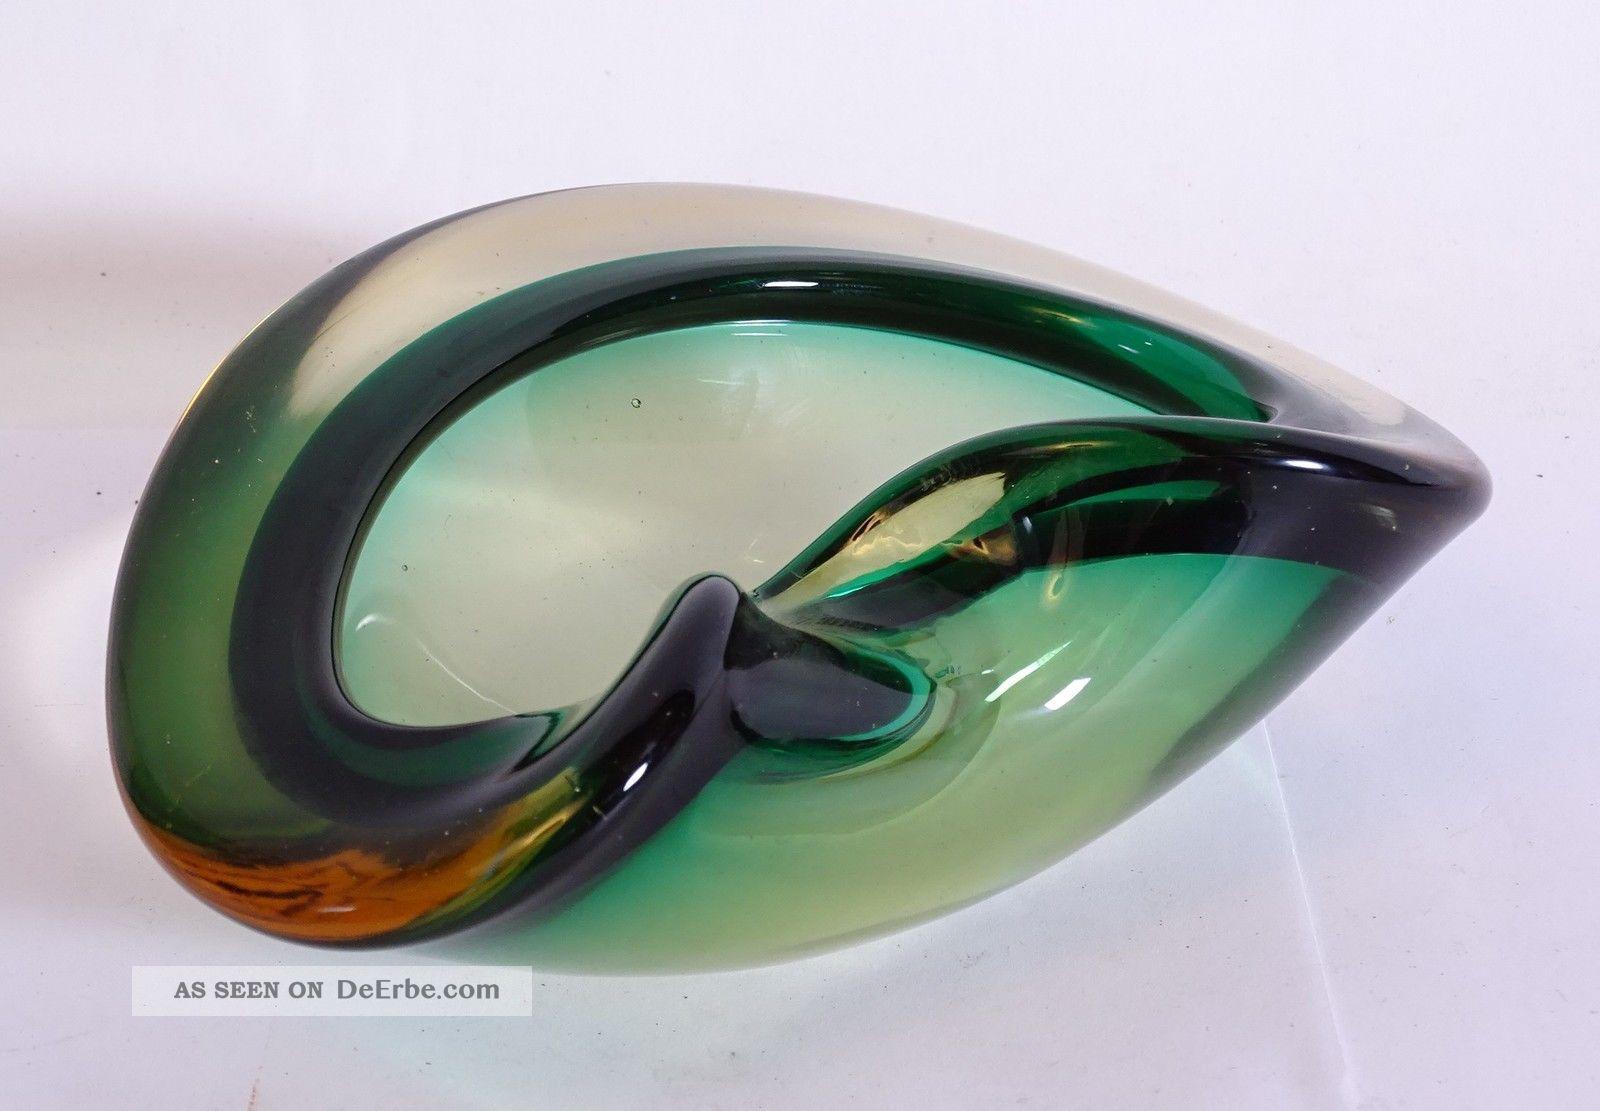 70er Panton Ära Pop Art Dickwandiger Murano Glas Aschenbecher Ash Tray Rarität Glas & Kristall Bild